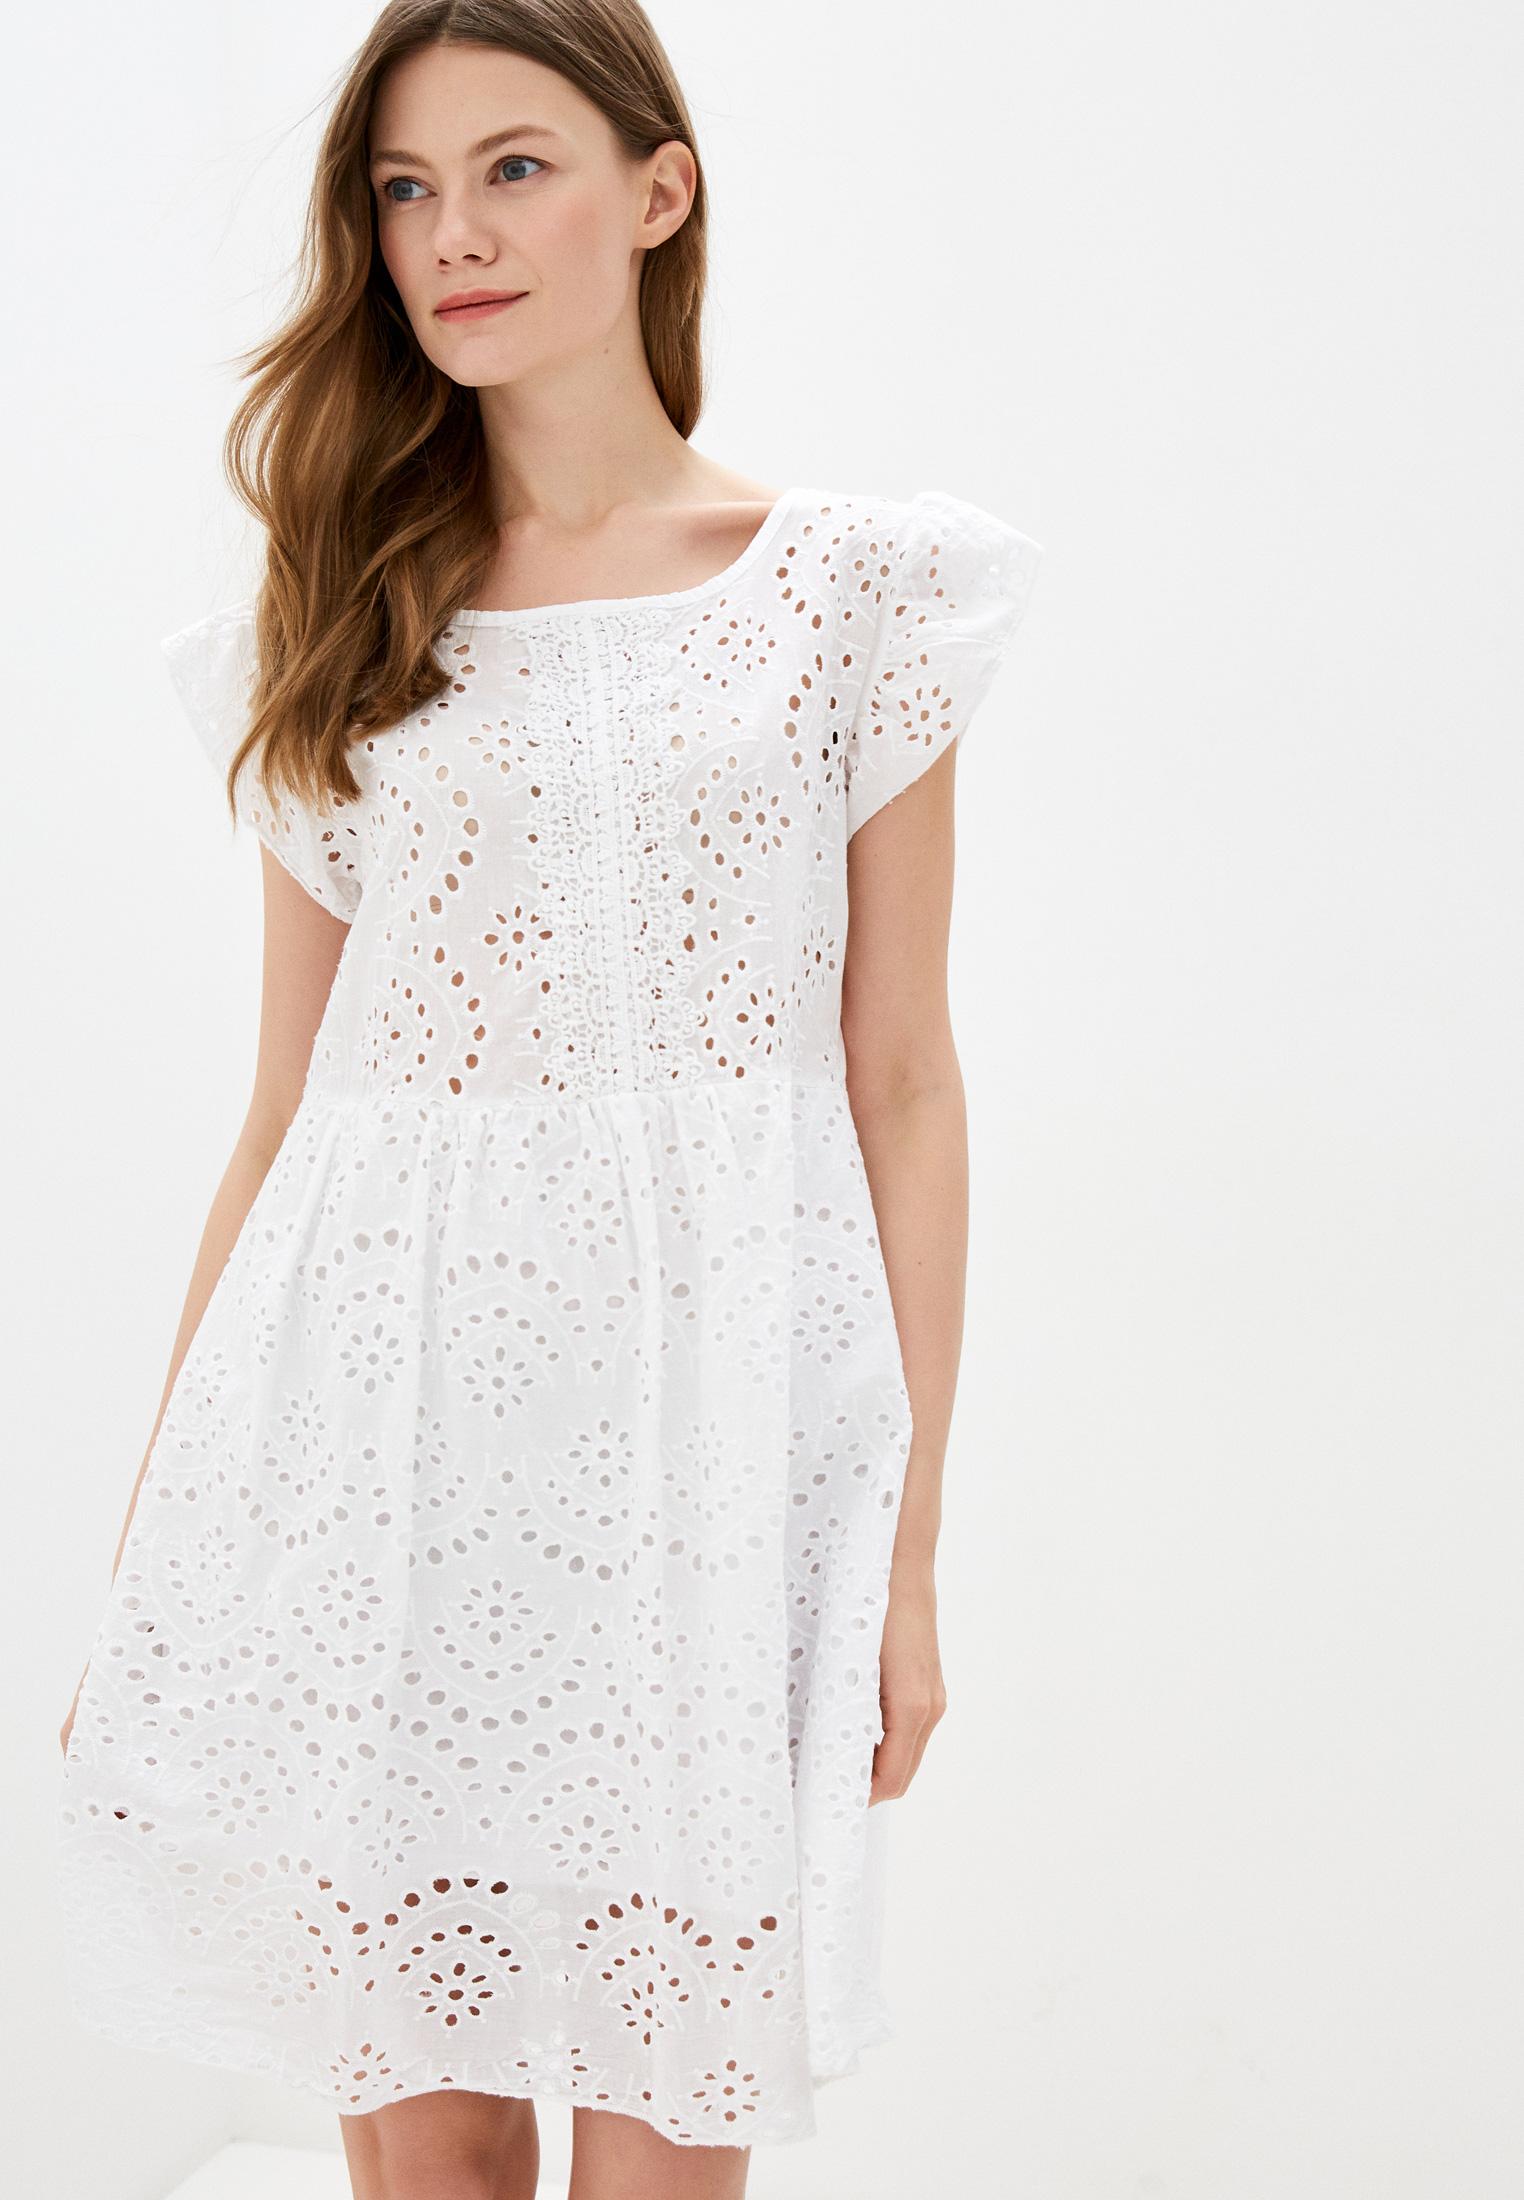 обод фото платье лето белое настоящий момент ситуация